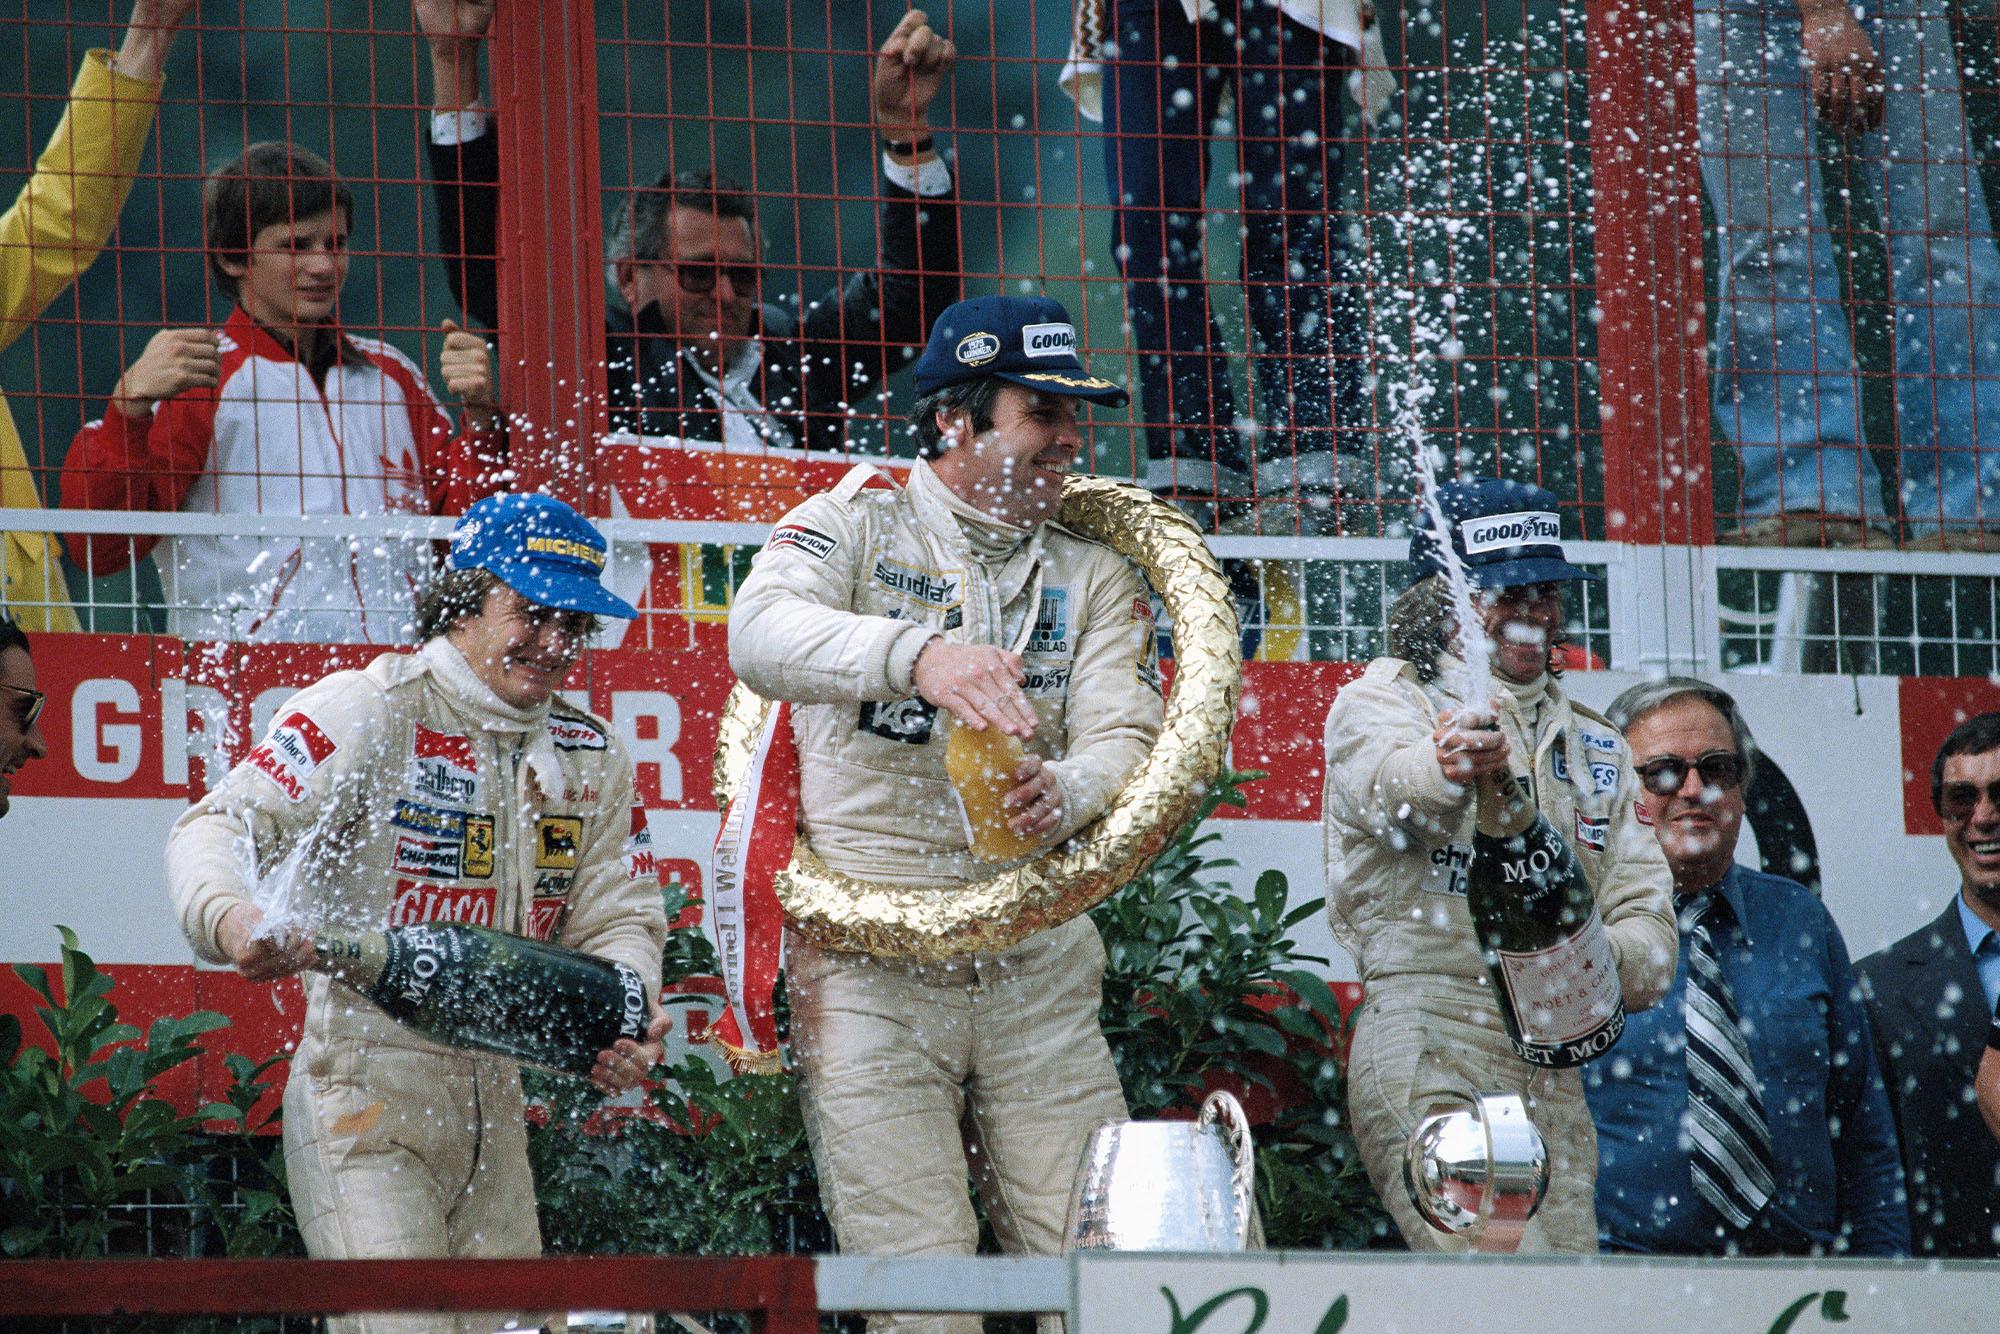 1979 Austrian GP podium